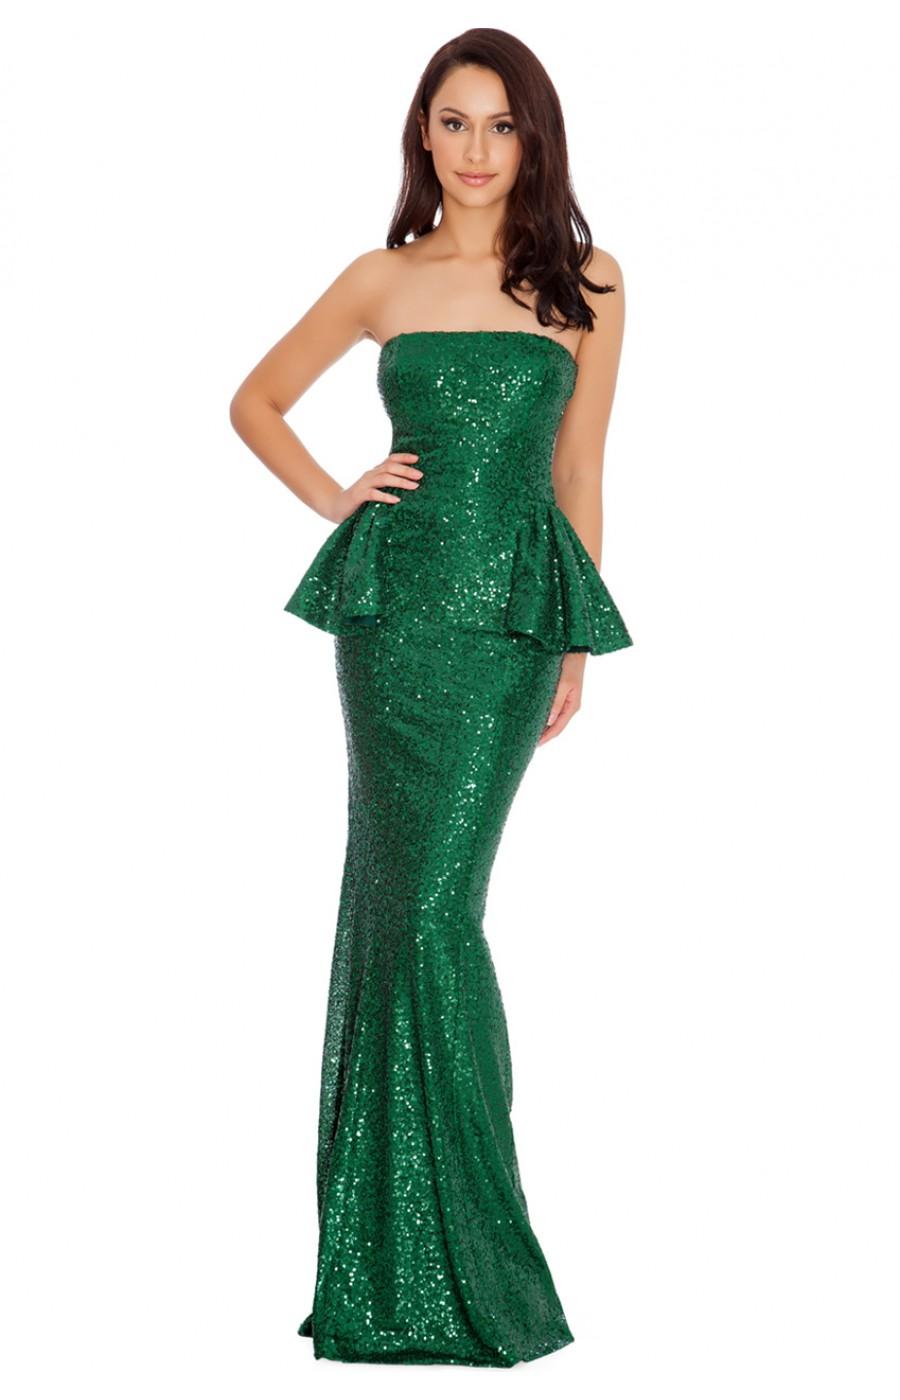 Αναζήτηση - Ετικέτα - μακρυ φορεμα 6991795ae4a